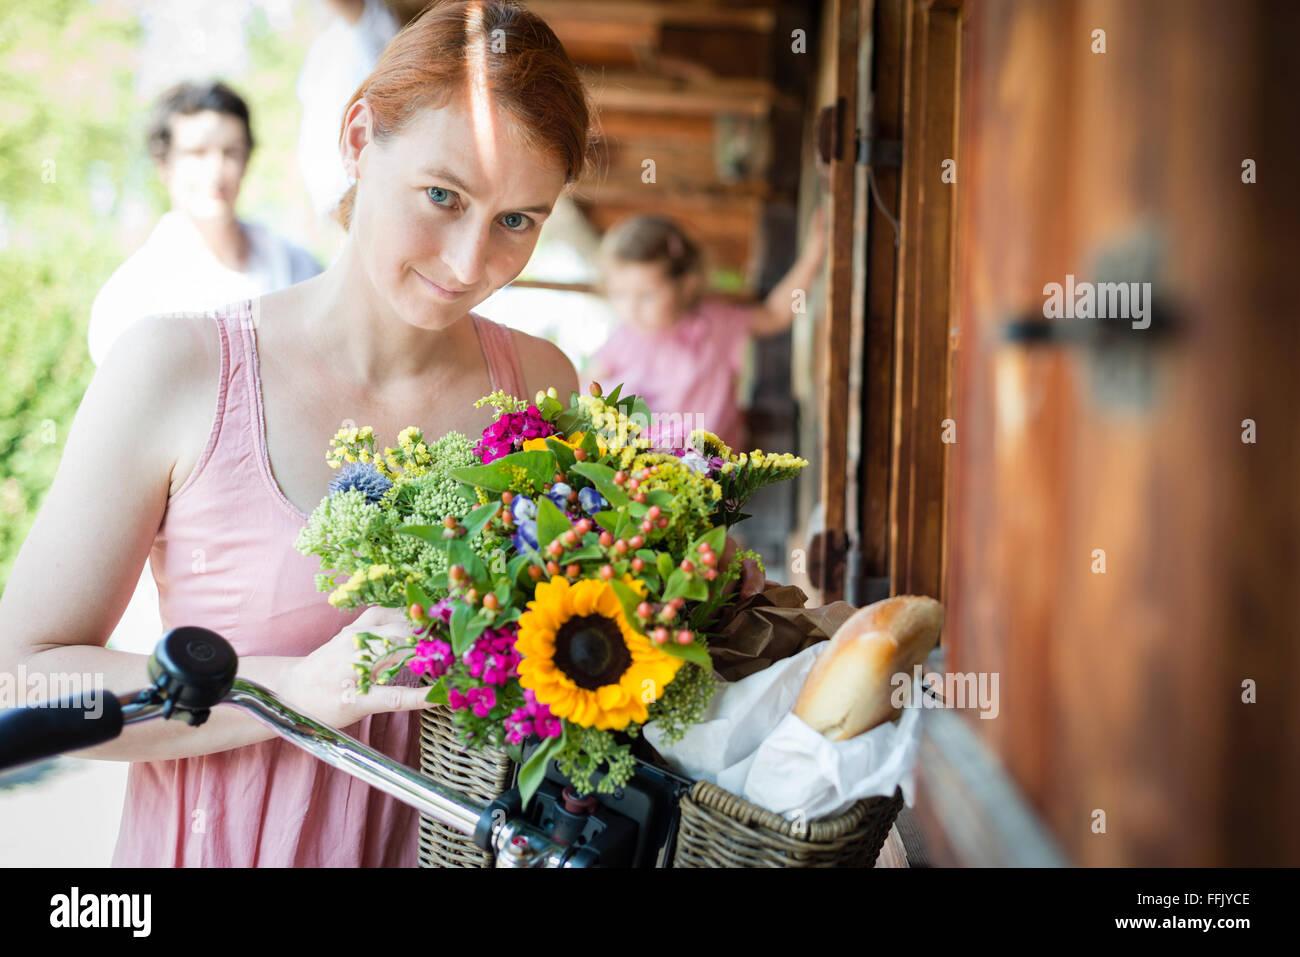 Ritratto di metà donna adulta con fiori Immagini Stock